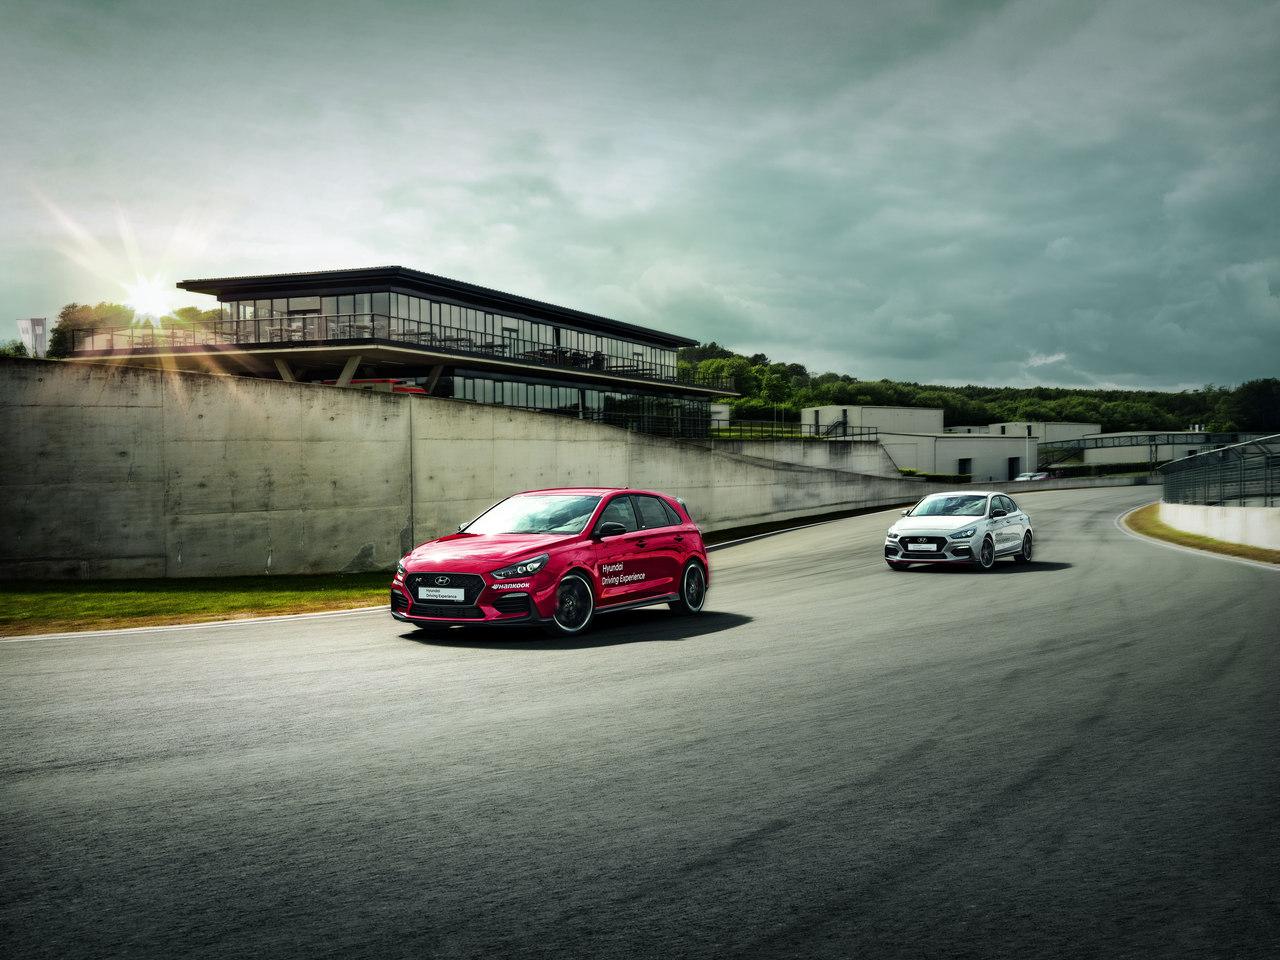 Dois carros Hyundai numa pista de corridas